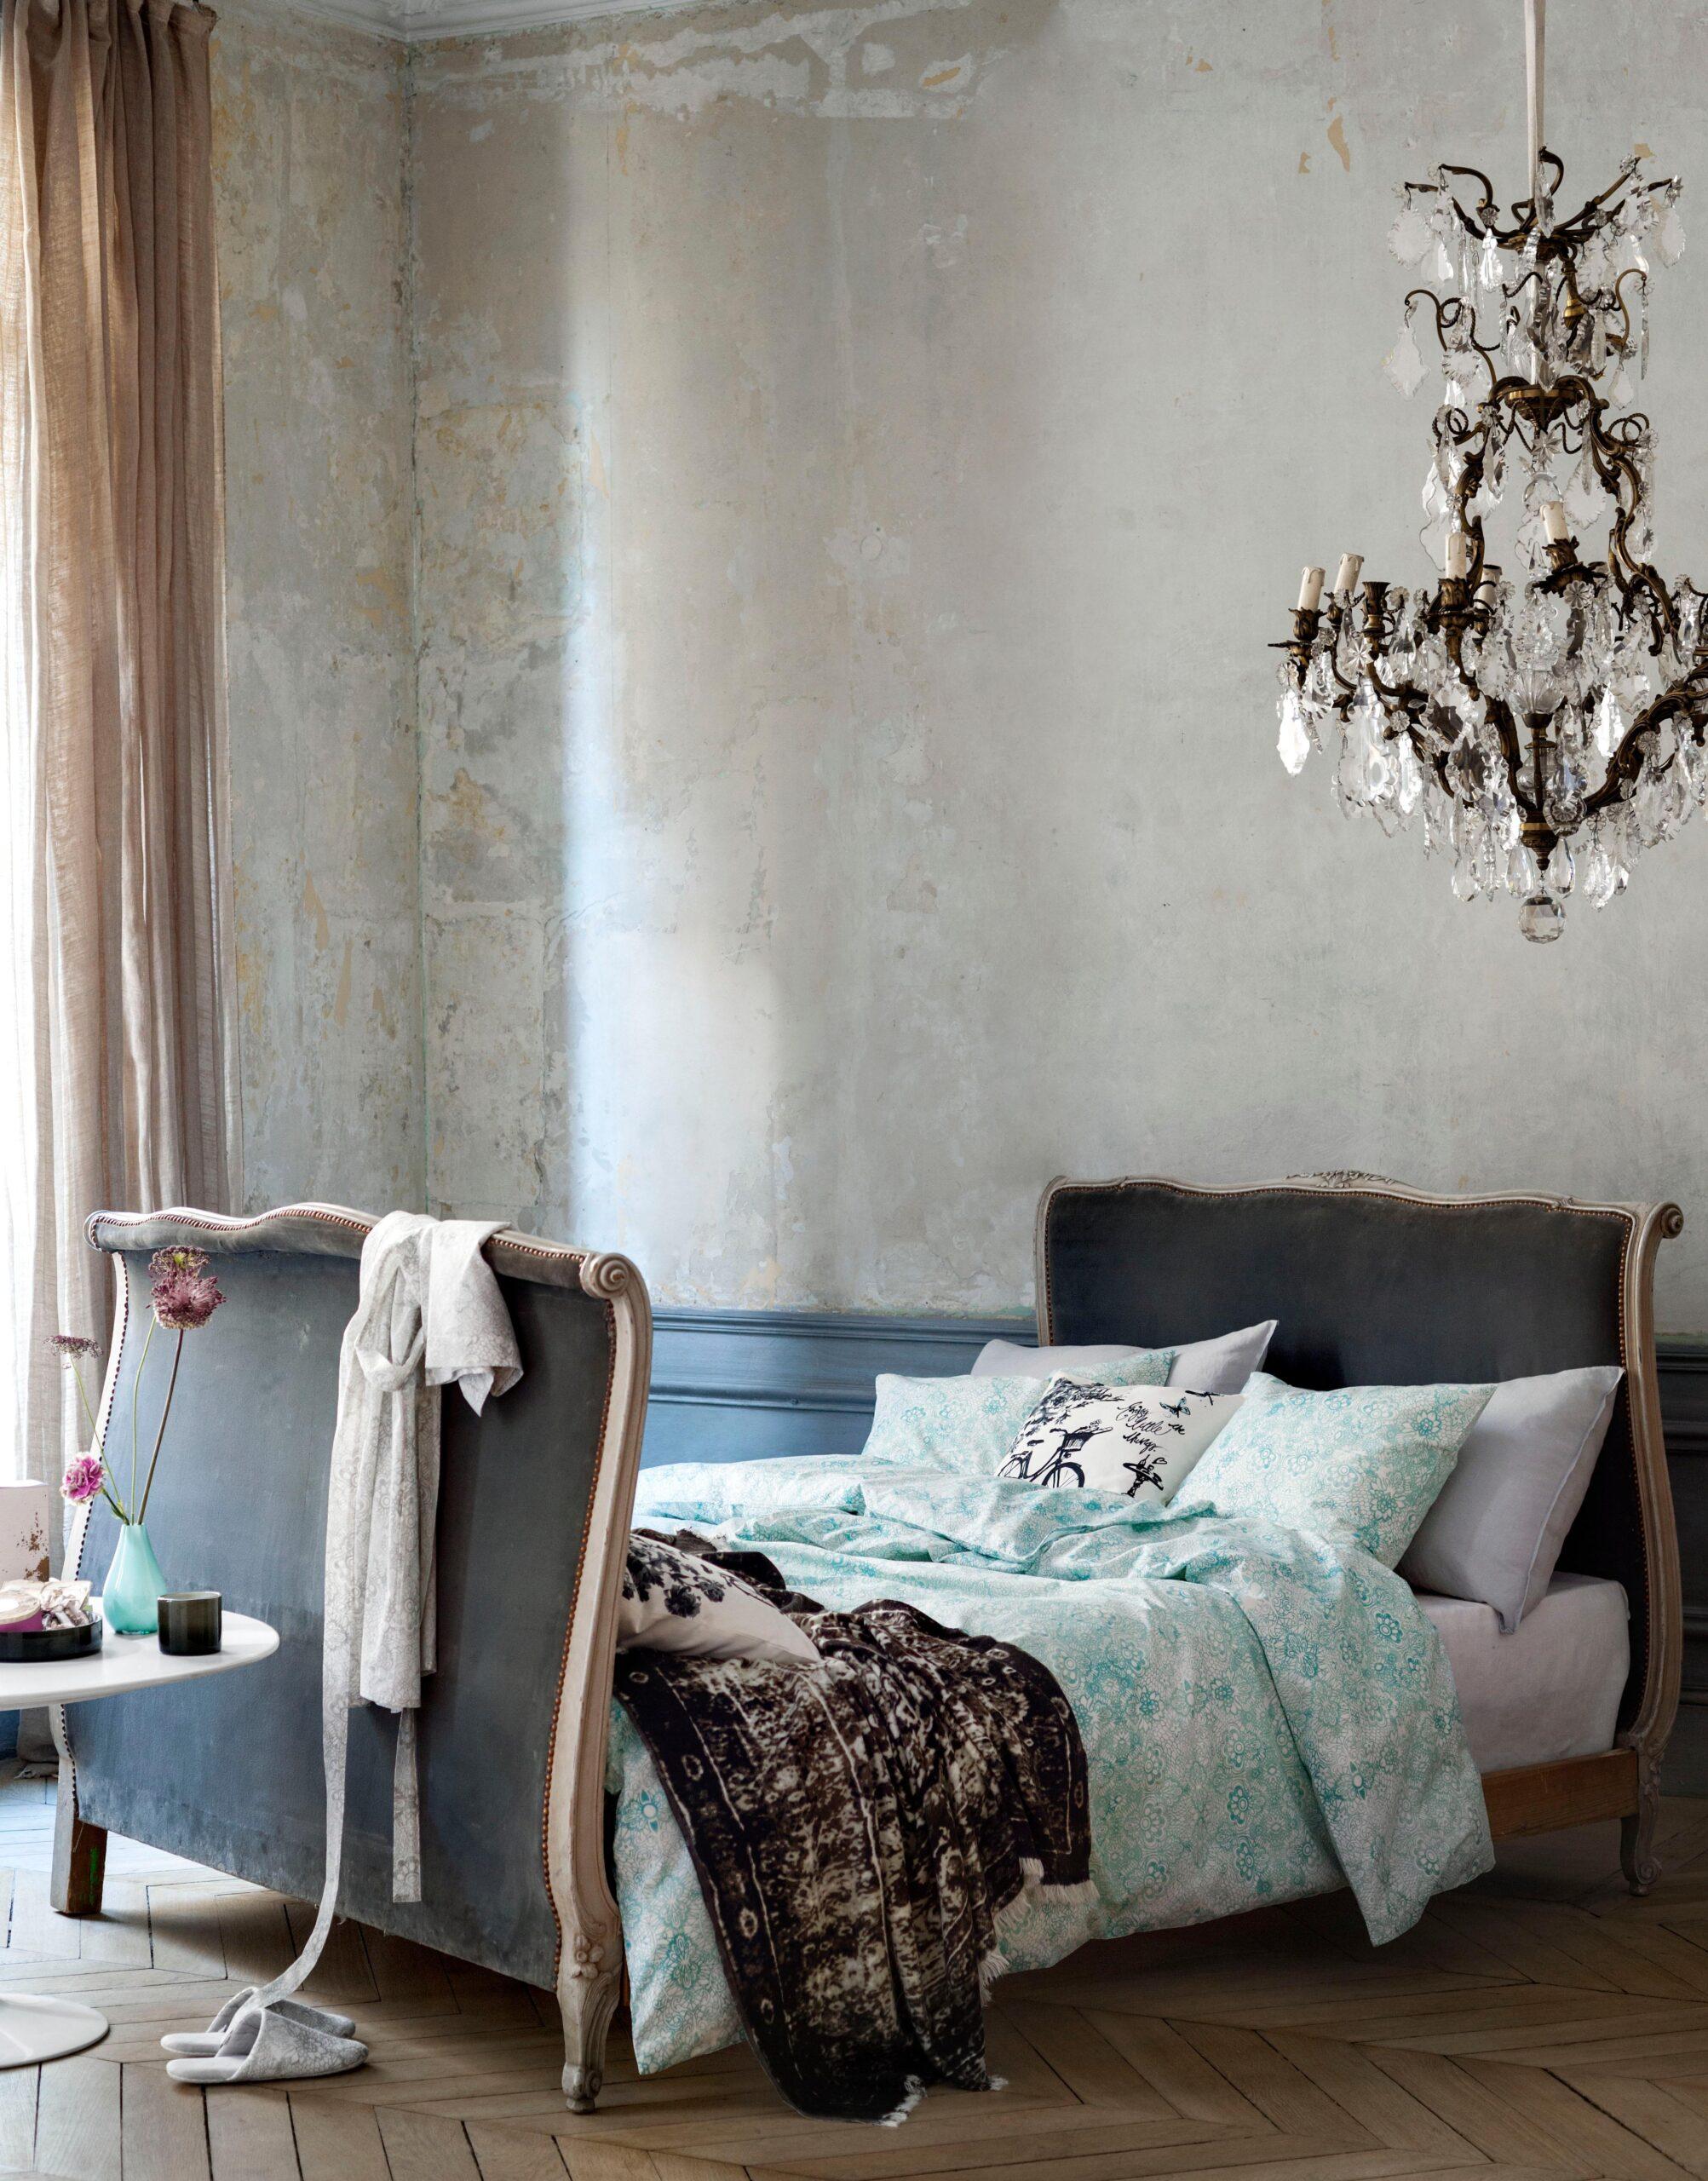 Full Size of Ausgefallene Schlafzimmer Ausgefallener Kronleuchter Im Romantischen Schlafzim Wiemann Sessel Schimmel Teppich Kommode Truhe Deckenleuchten Landhausstil Wohnzimmer Ausgefallene Schlafzimmer